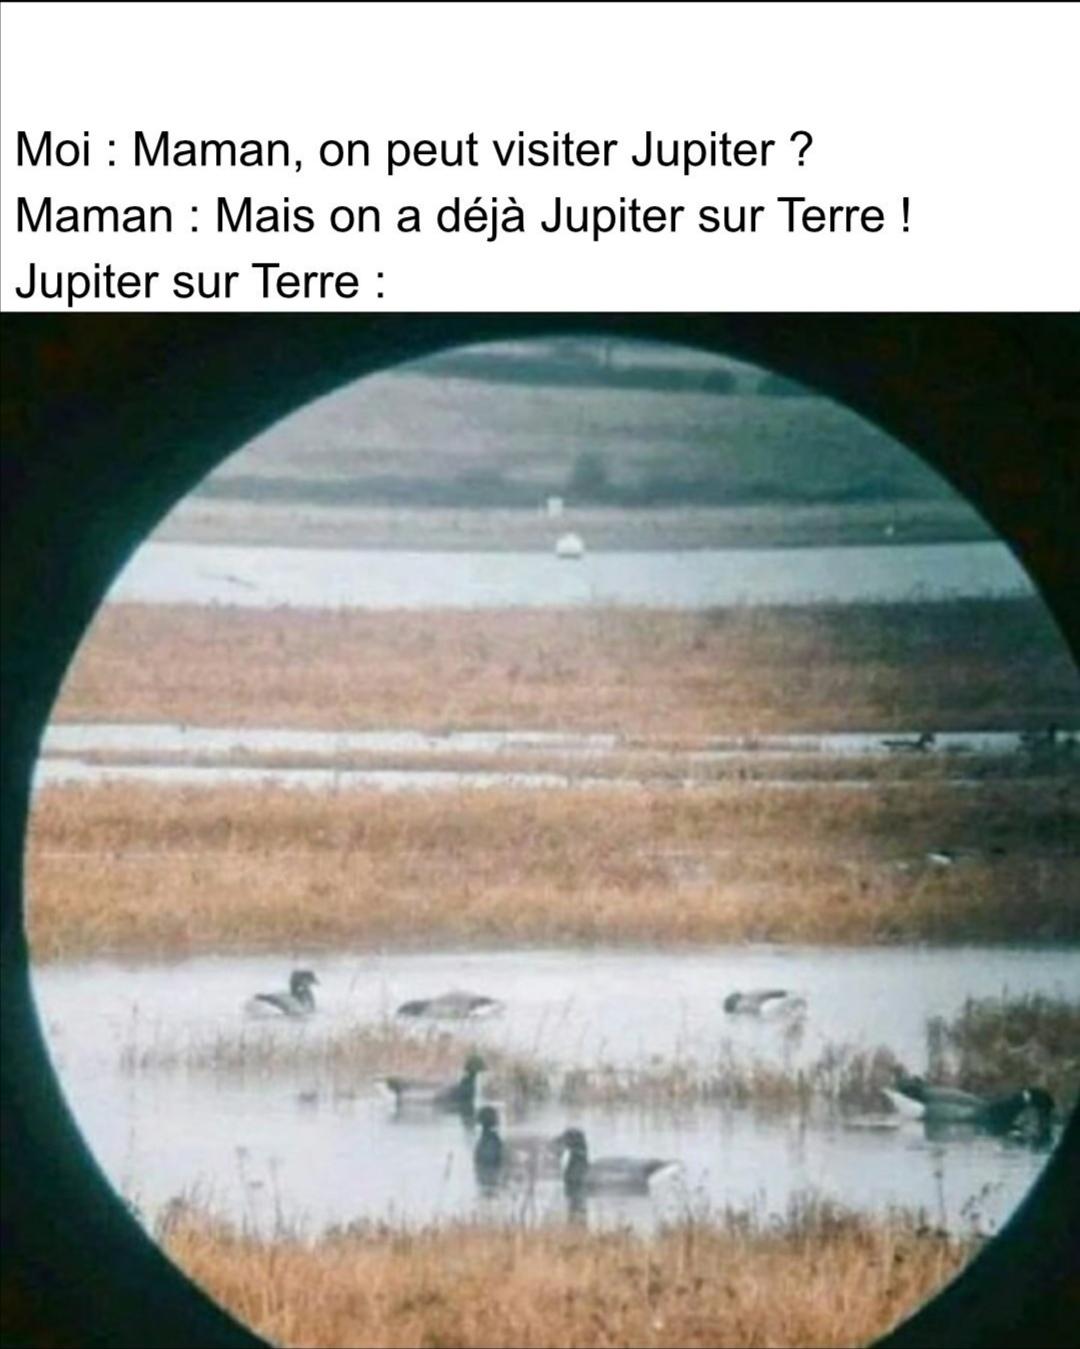 Meme de Sciences et Vie Junior